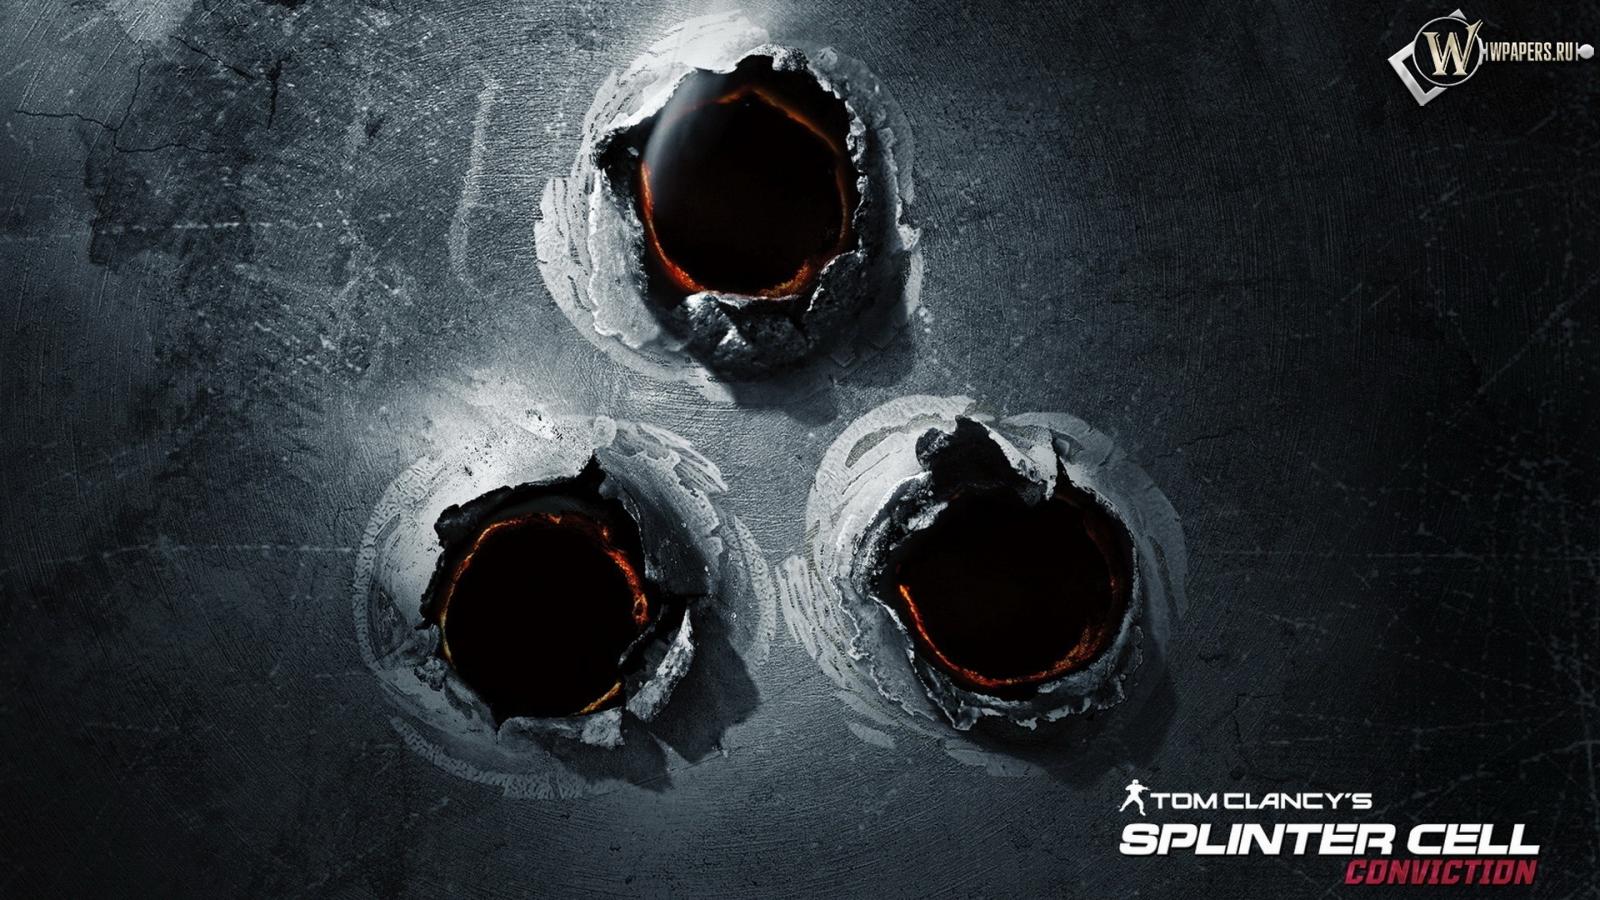 Скачать splinter cell blacklist через торрент - 3